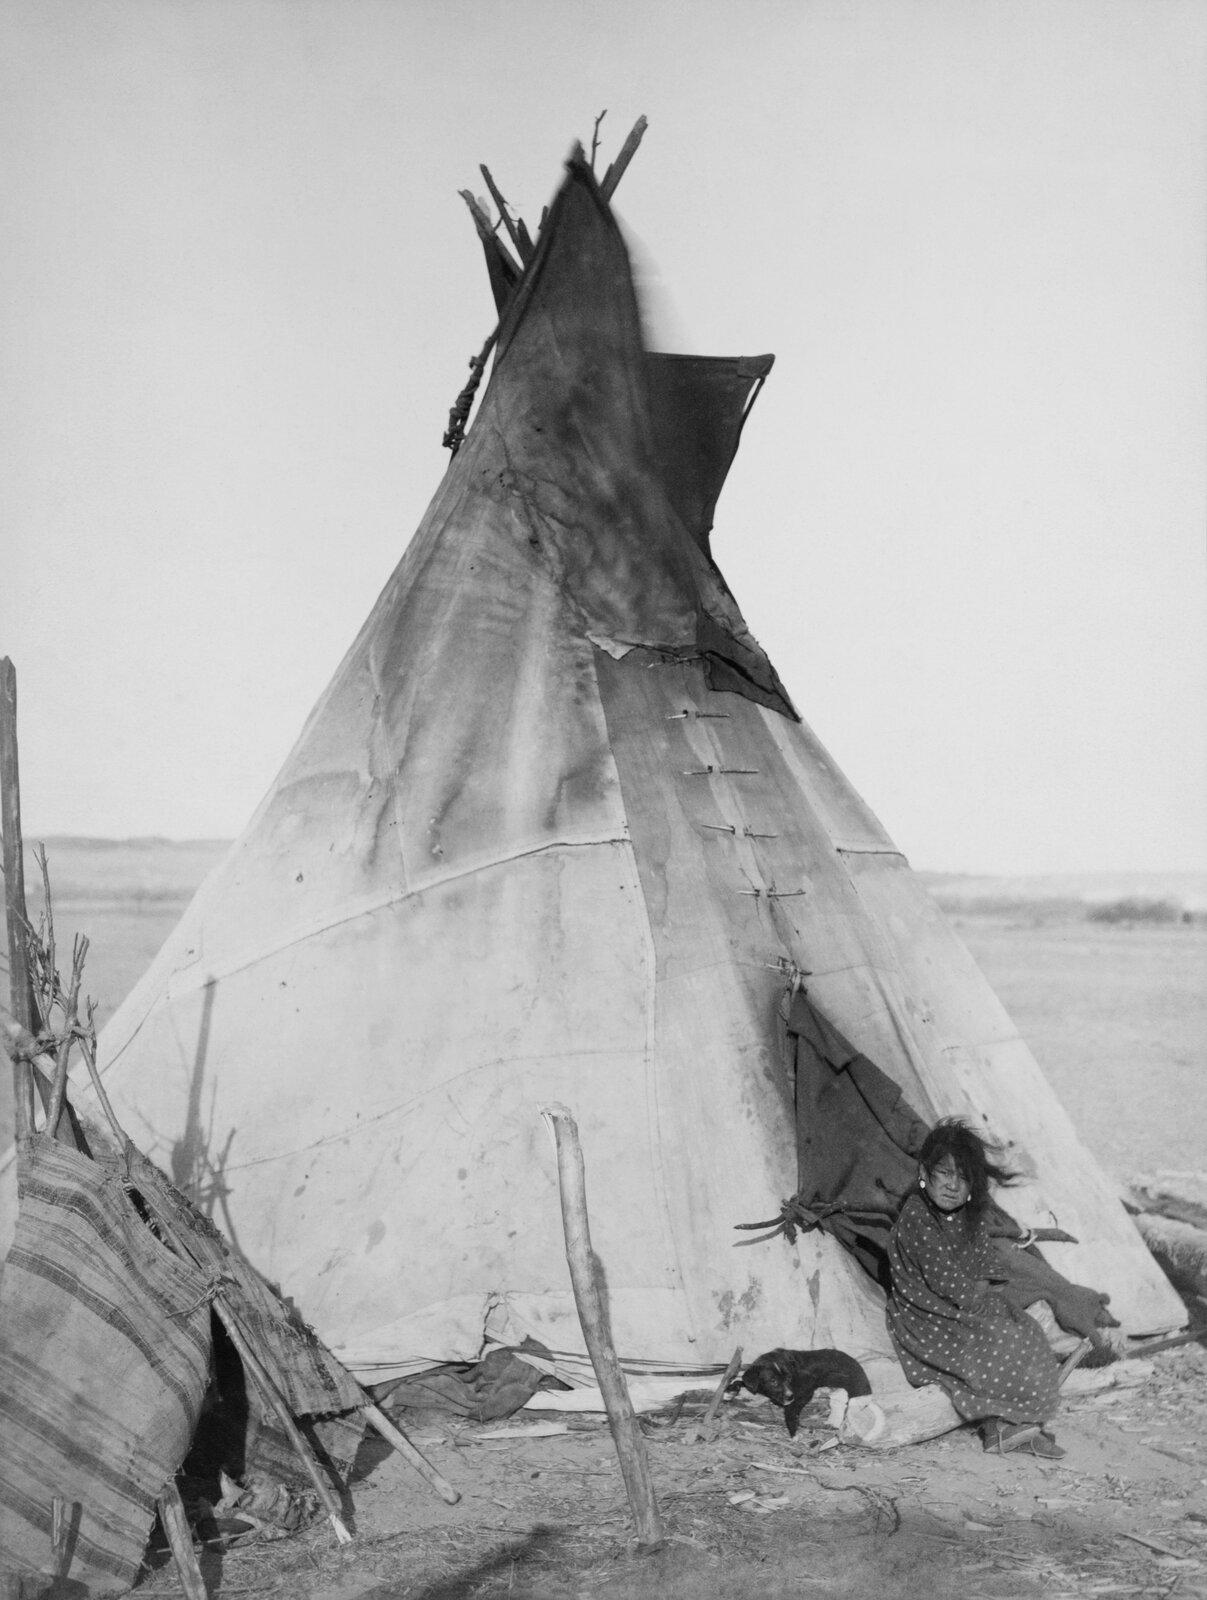 Fotografia prezentuje wysoki szpiczasty namiot – tipi. Namiot zbudowany na tyczkach pokrytych skórami zwierząt. Znamiotu poprzez otwór wychodzi Indianka.